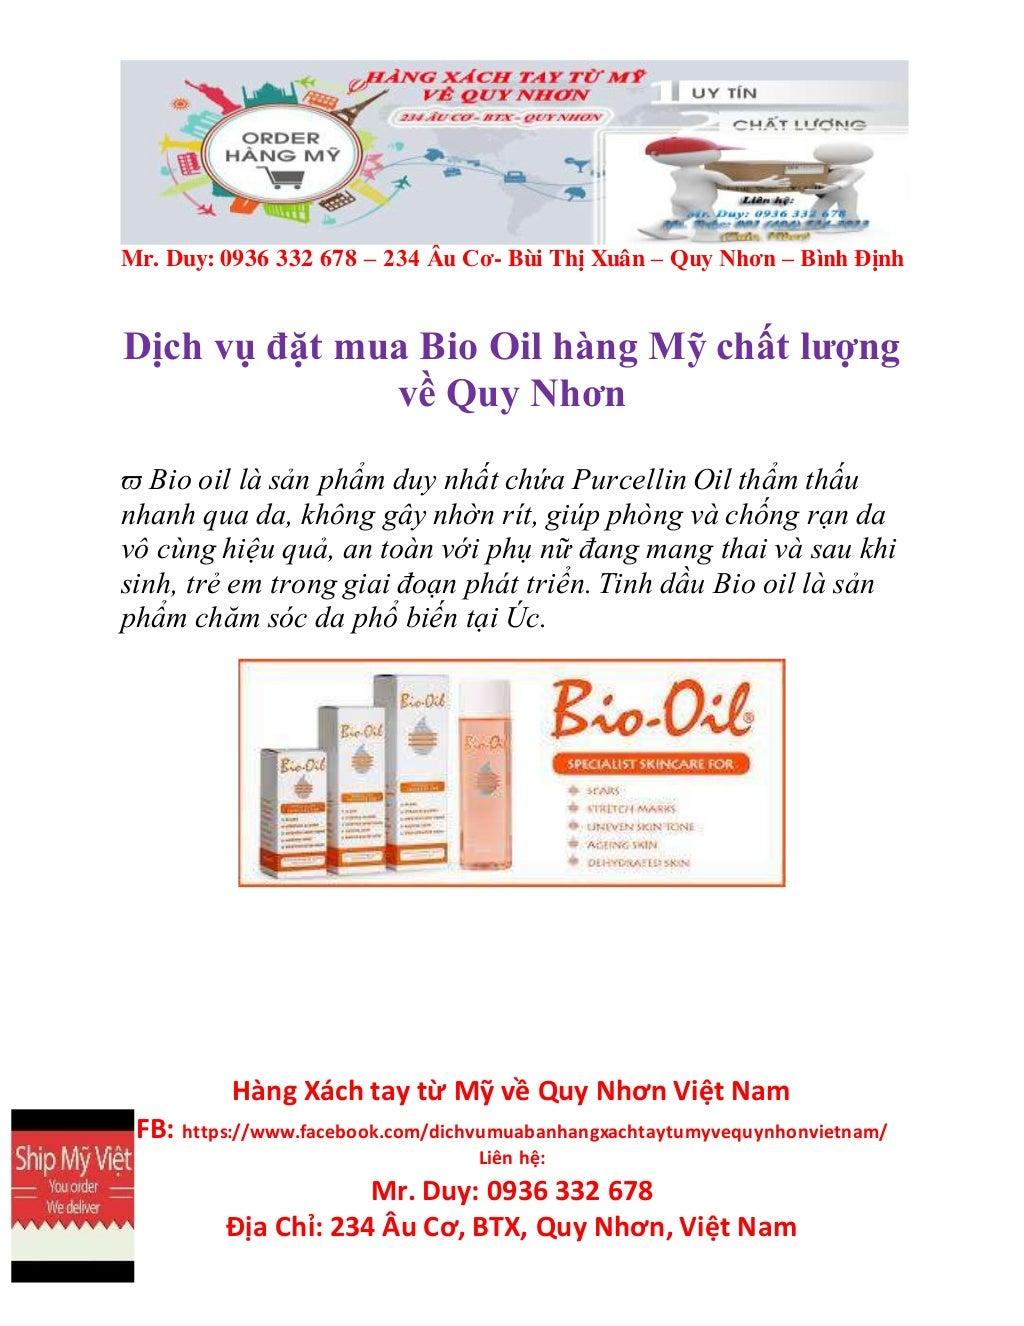 Tìm chỗ nhập thuốc bổ xách tay ở Quy Nhơn giá rẻ nhất - Magazine cover